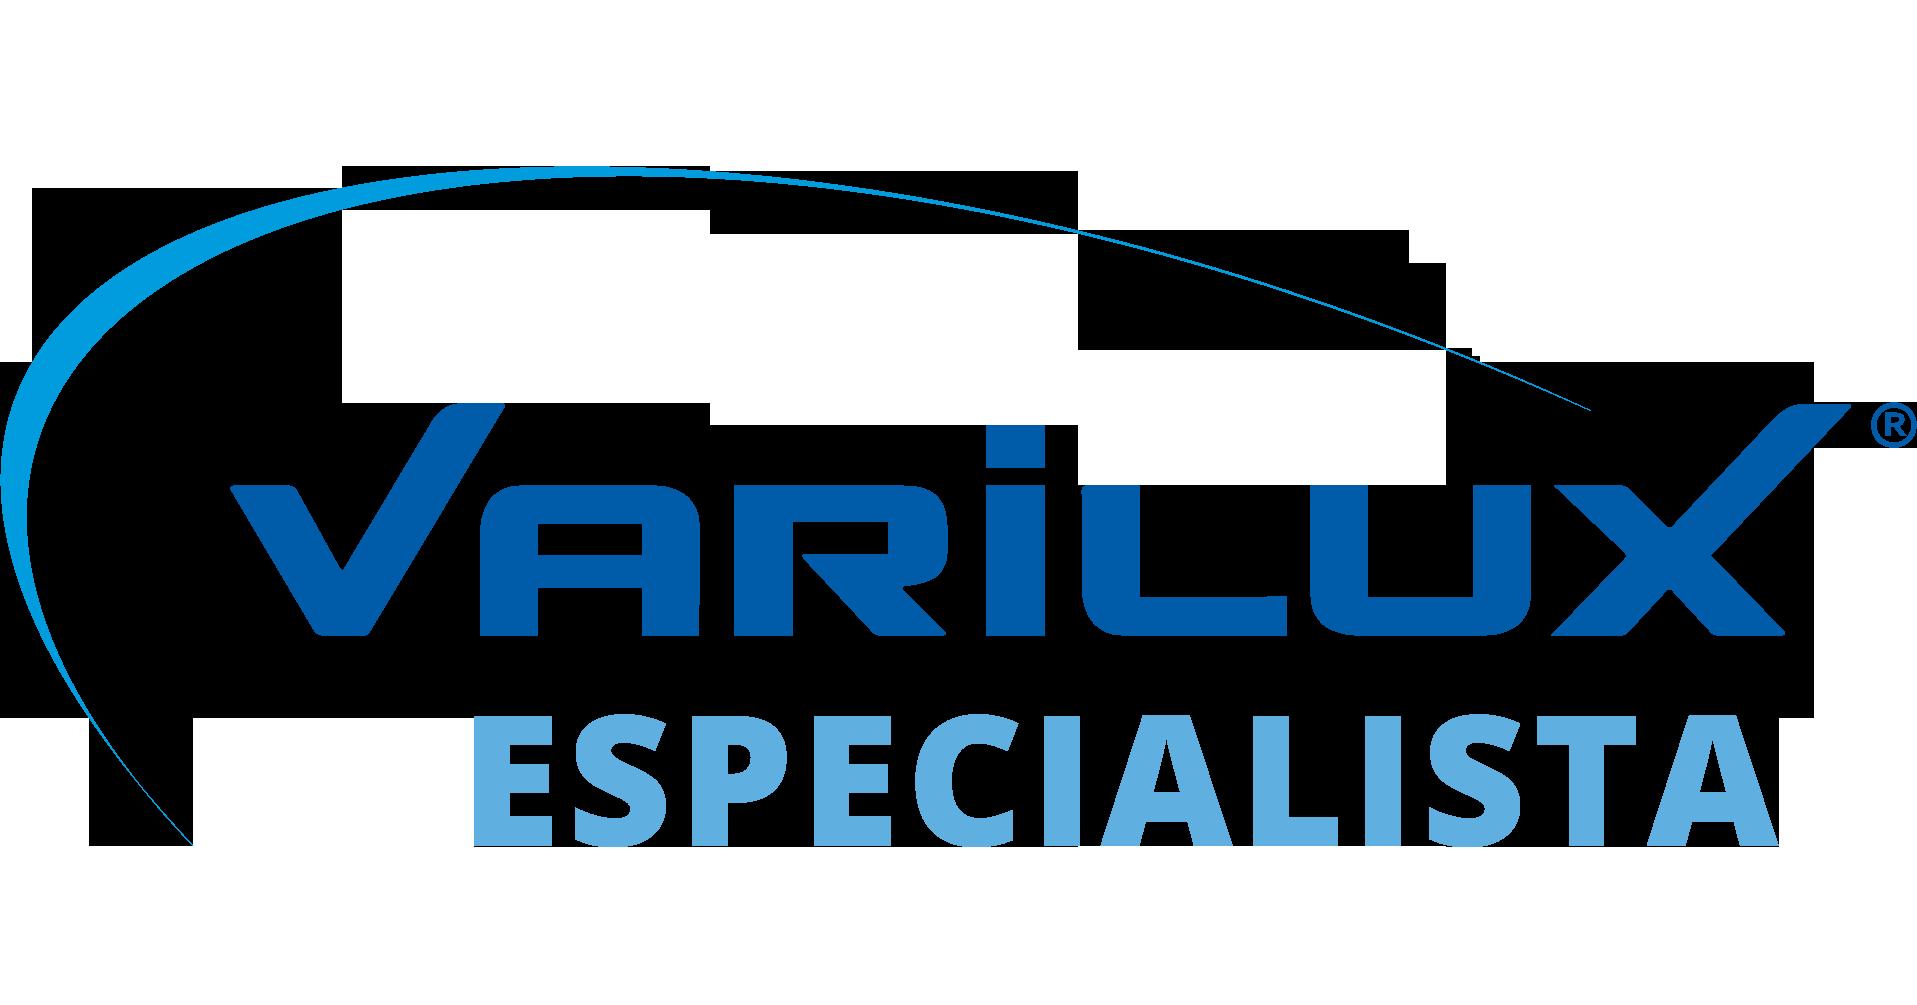 VARILUX especialista 2016